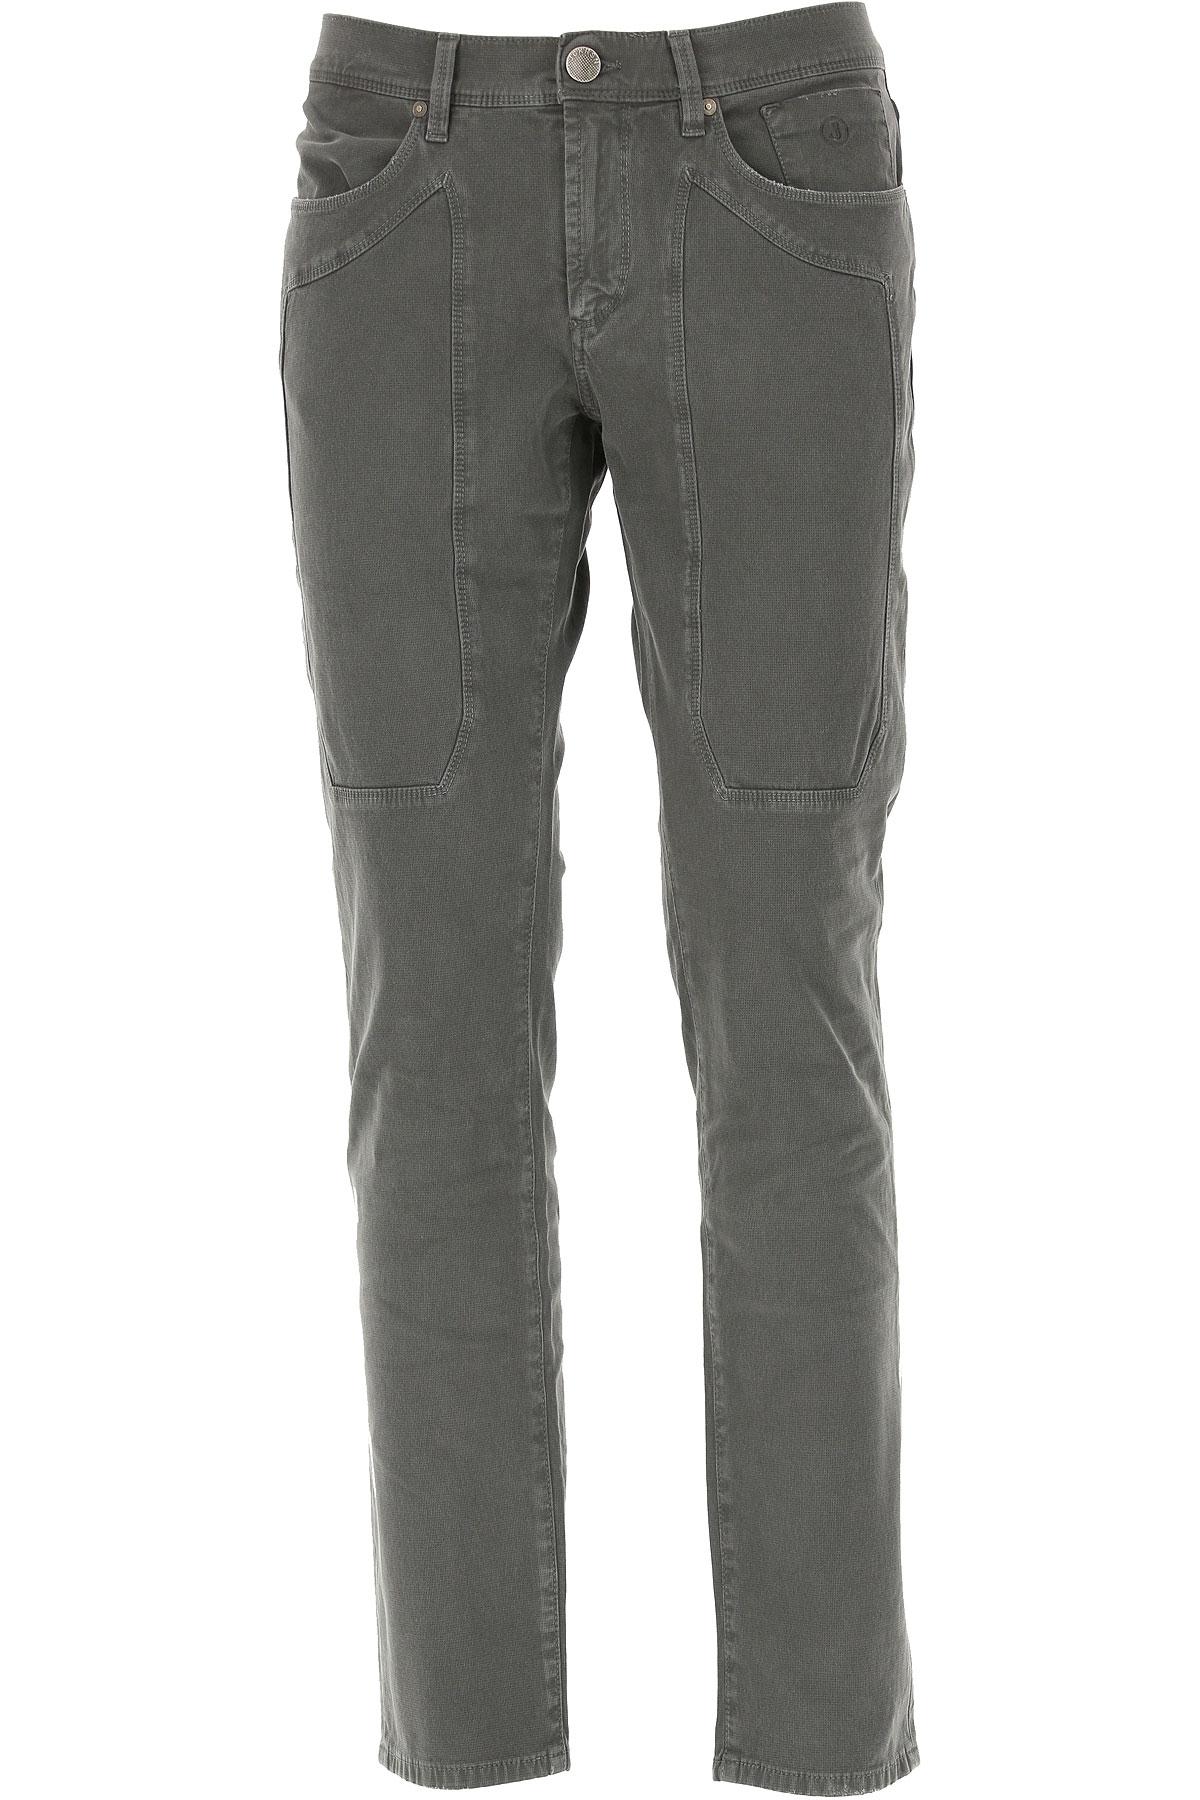 Jeckerson Pants for Men On Sale, Stone, Cotton, 2019, 29 30 31 32 33 34